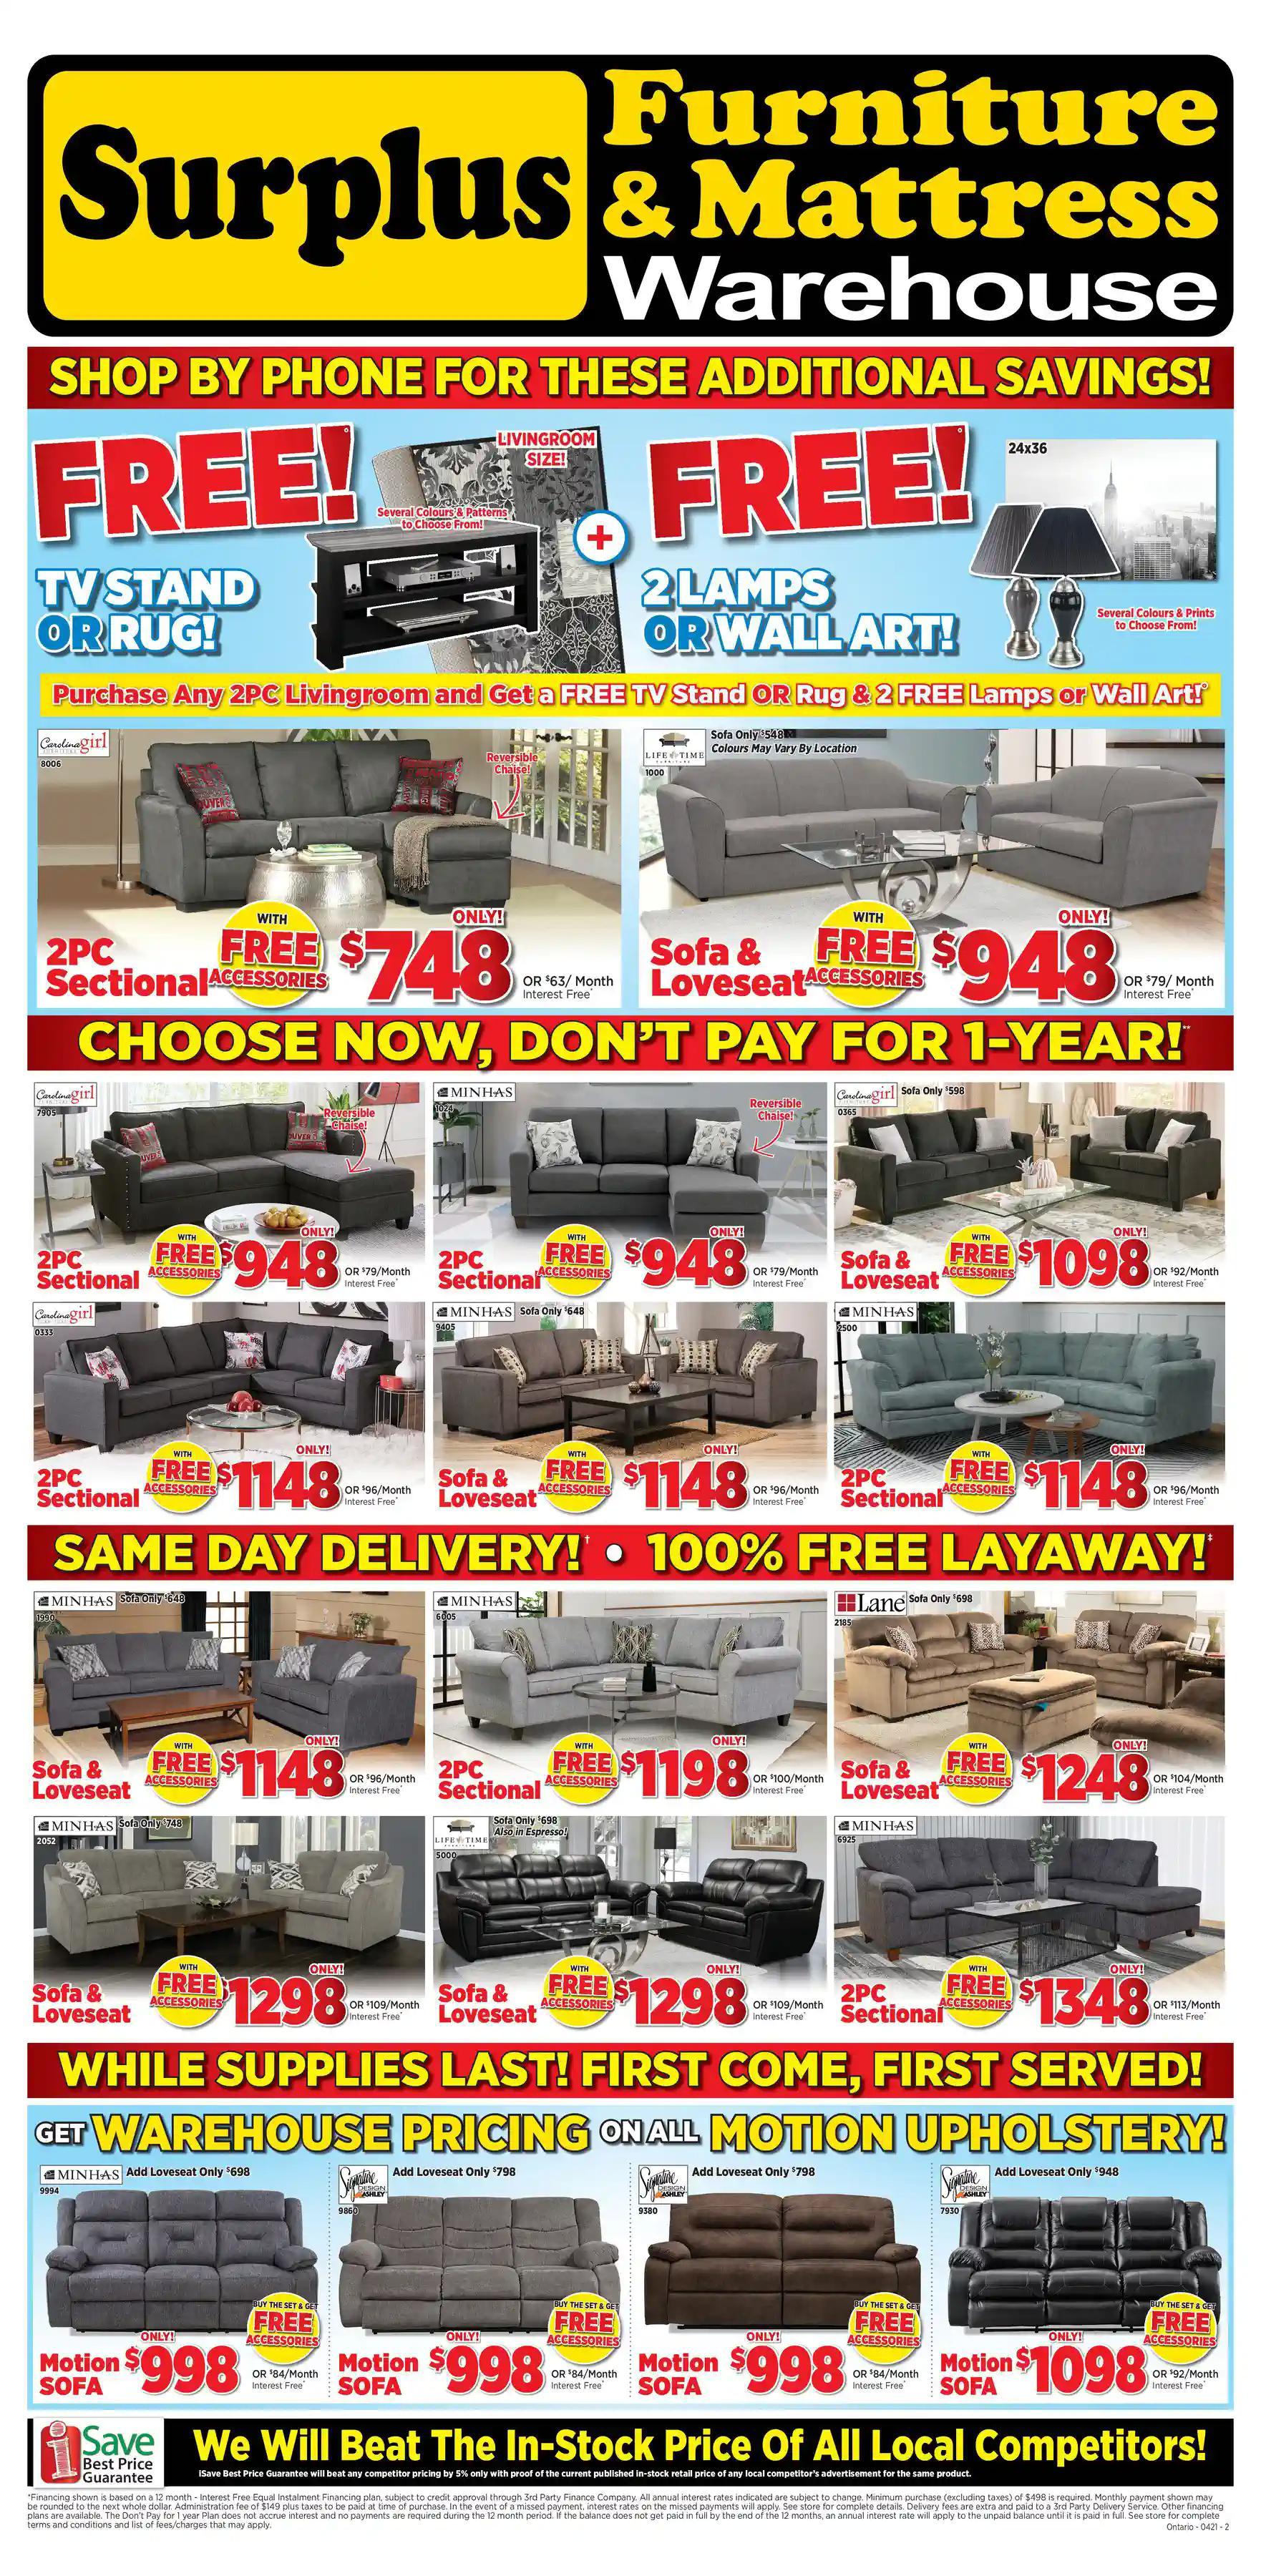 Surplus Furniture & Mattress Warehouse - 3 Weeks of Savings